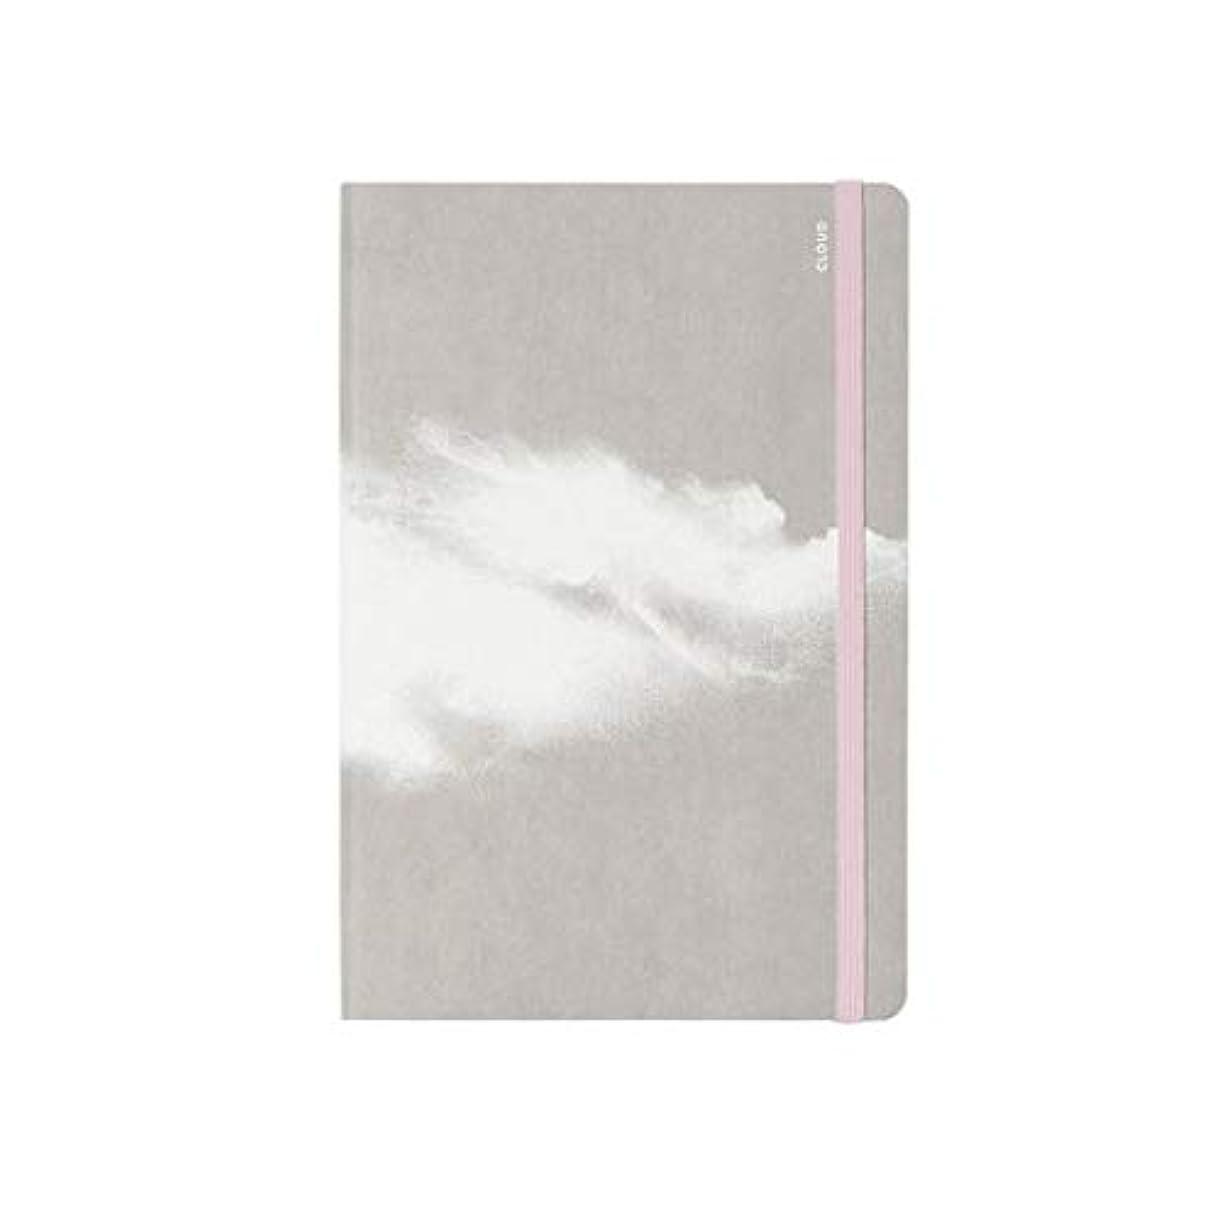 ヌーナ ノートブック CLOUD ピンク